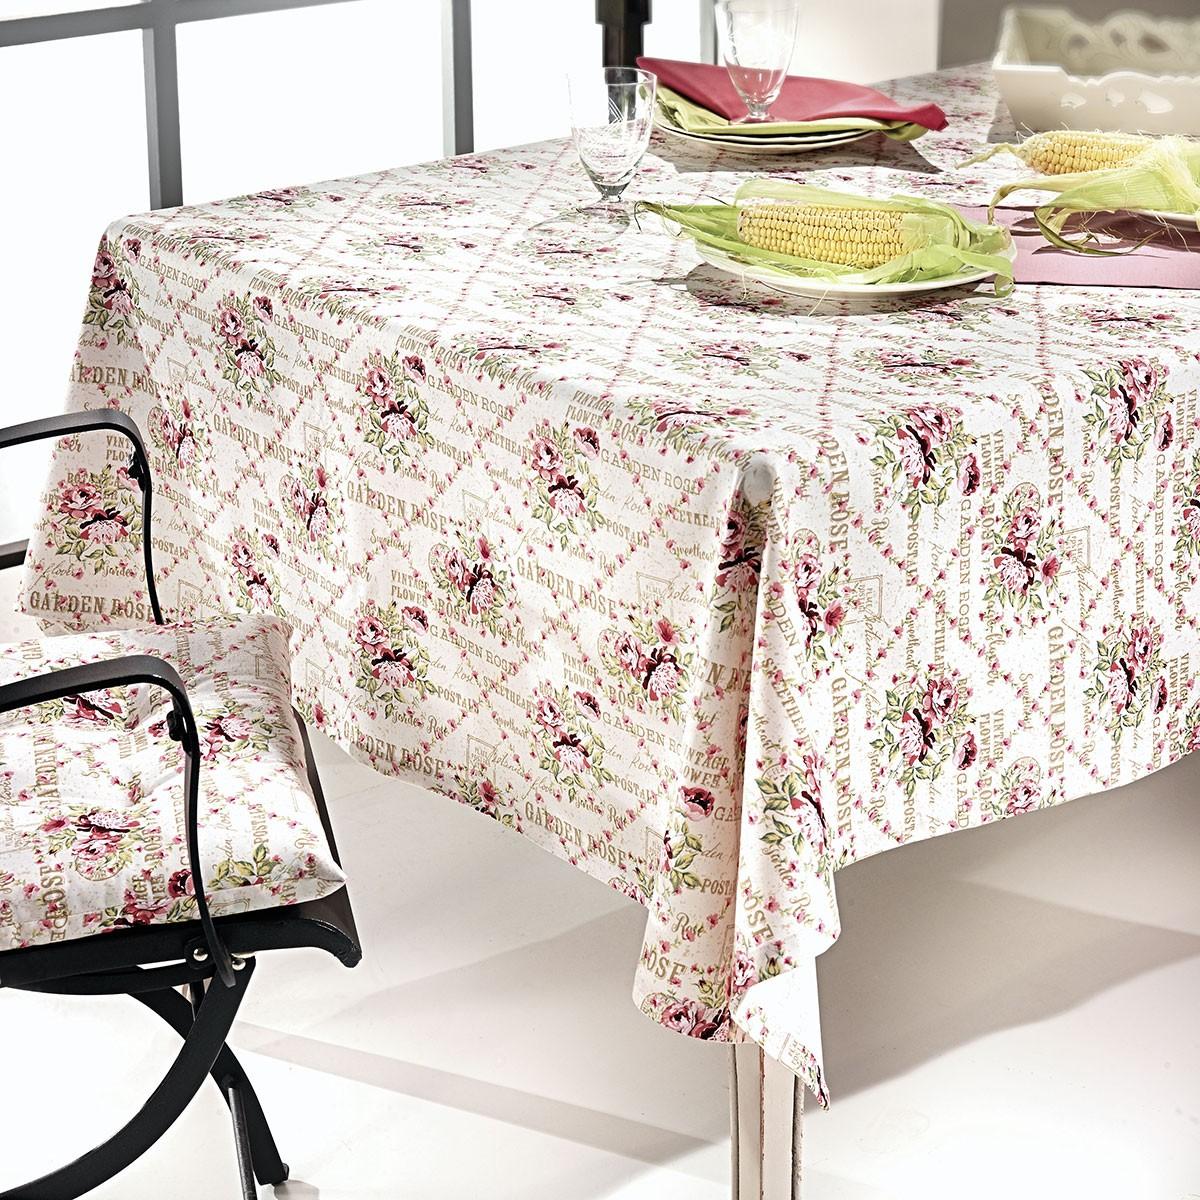 Τραπεζομάντηλο (150x150) Nima Garden Rose 01 Pink